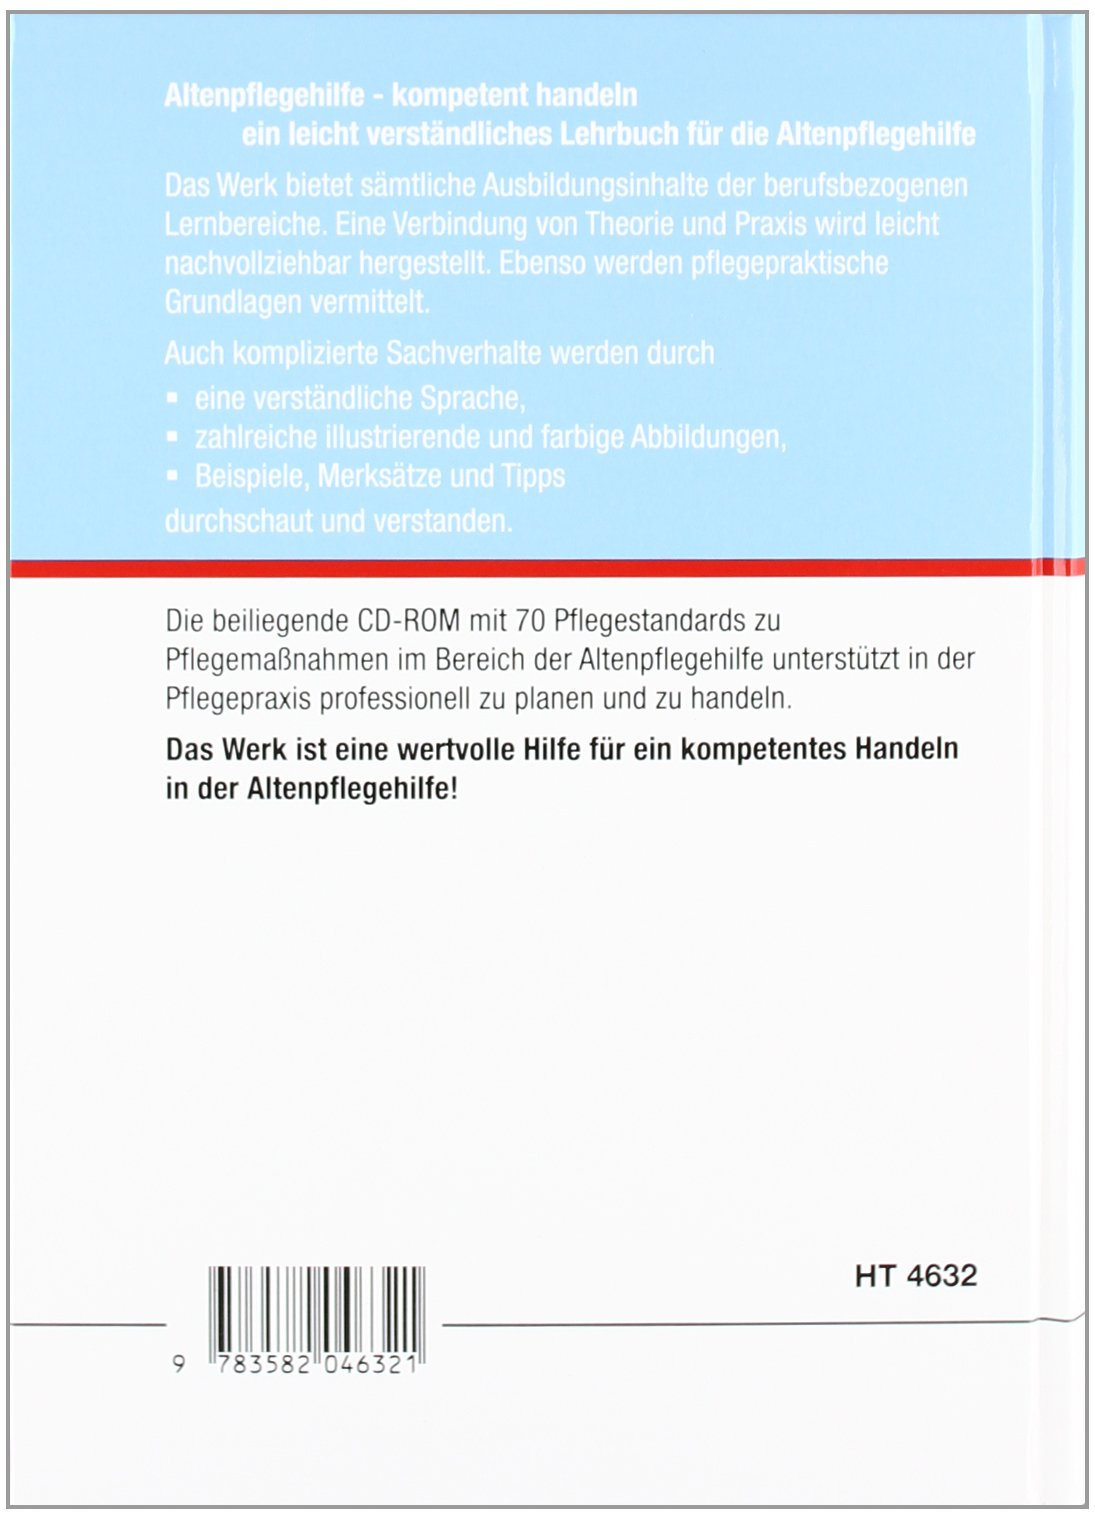 altenpflegehilfe kompetent handeln 9783582046321 amazoncom books - Pflegestandards Beispiele